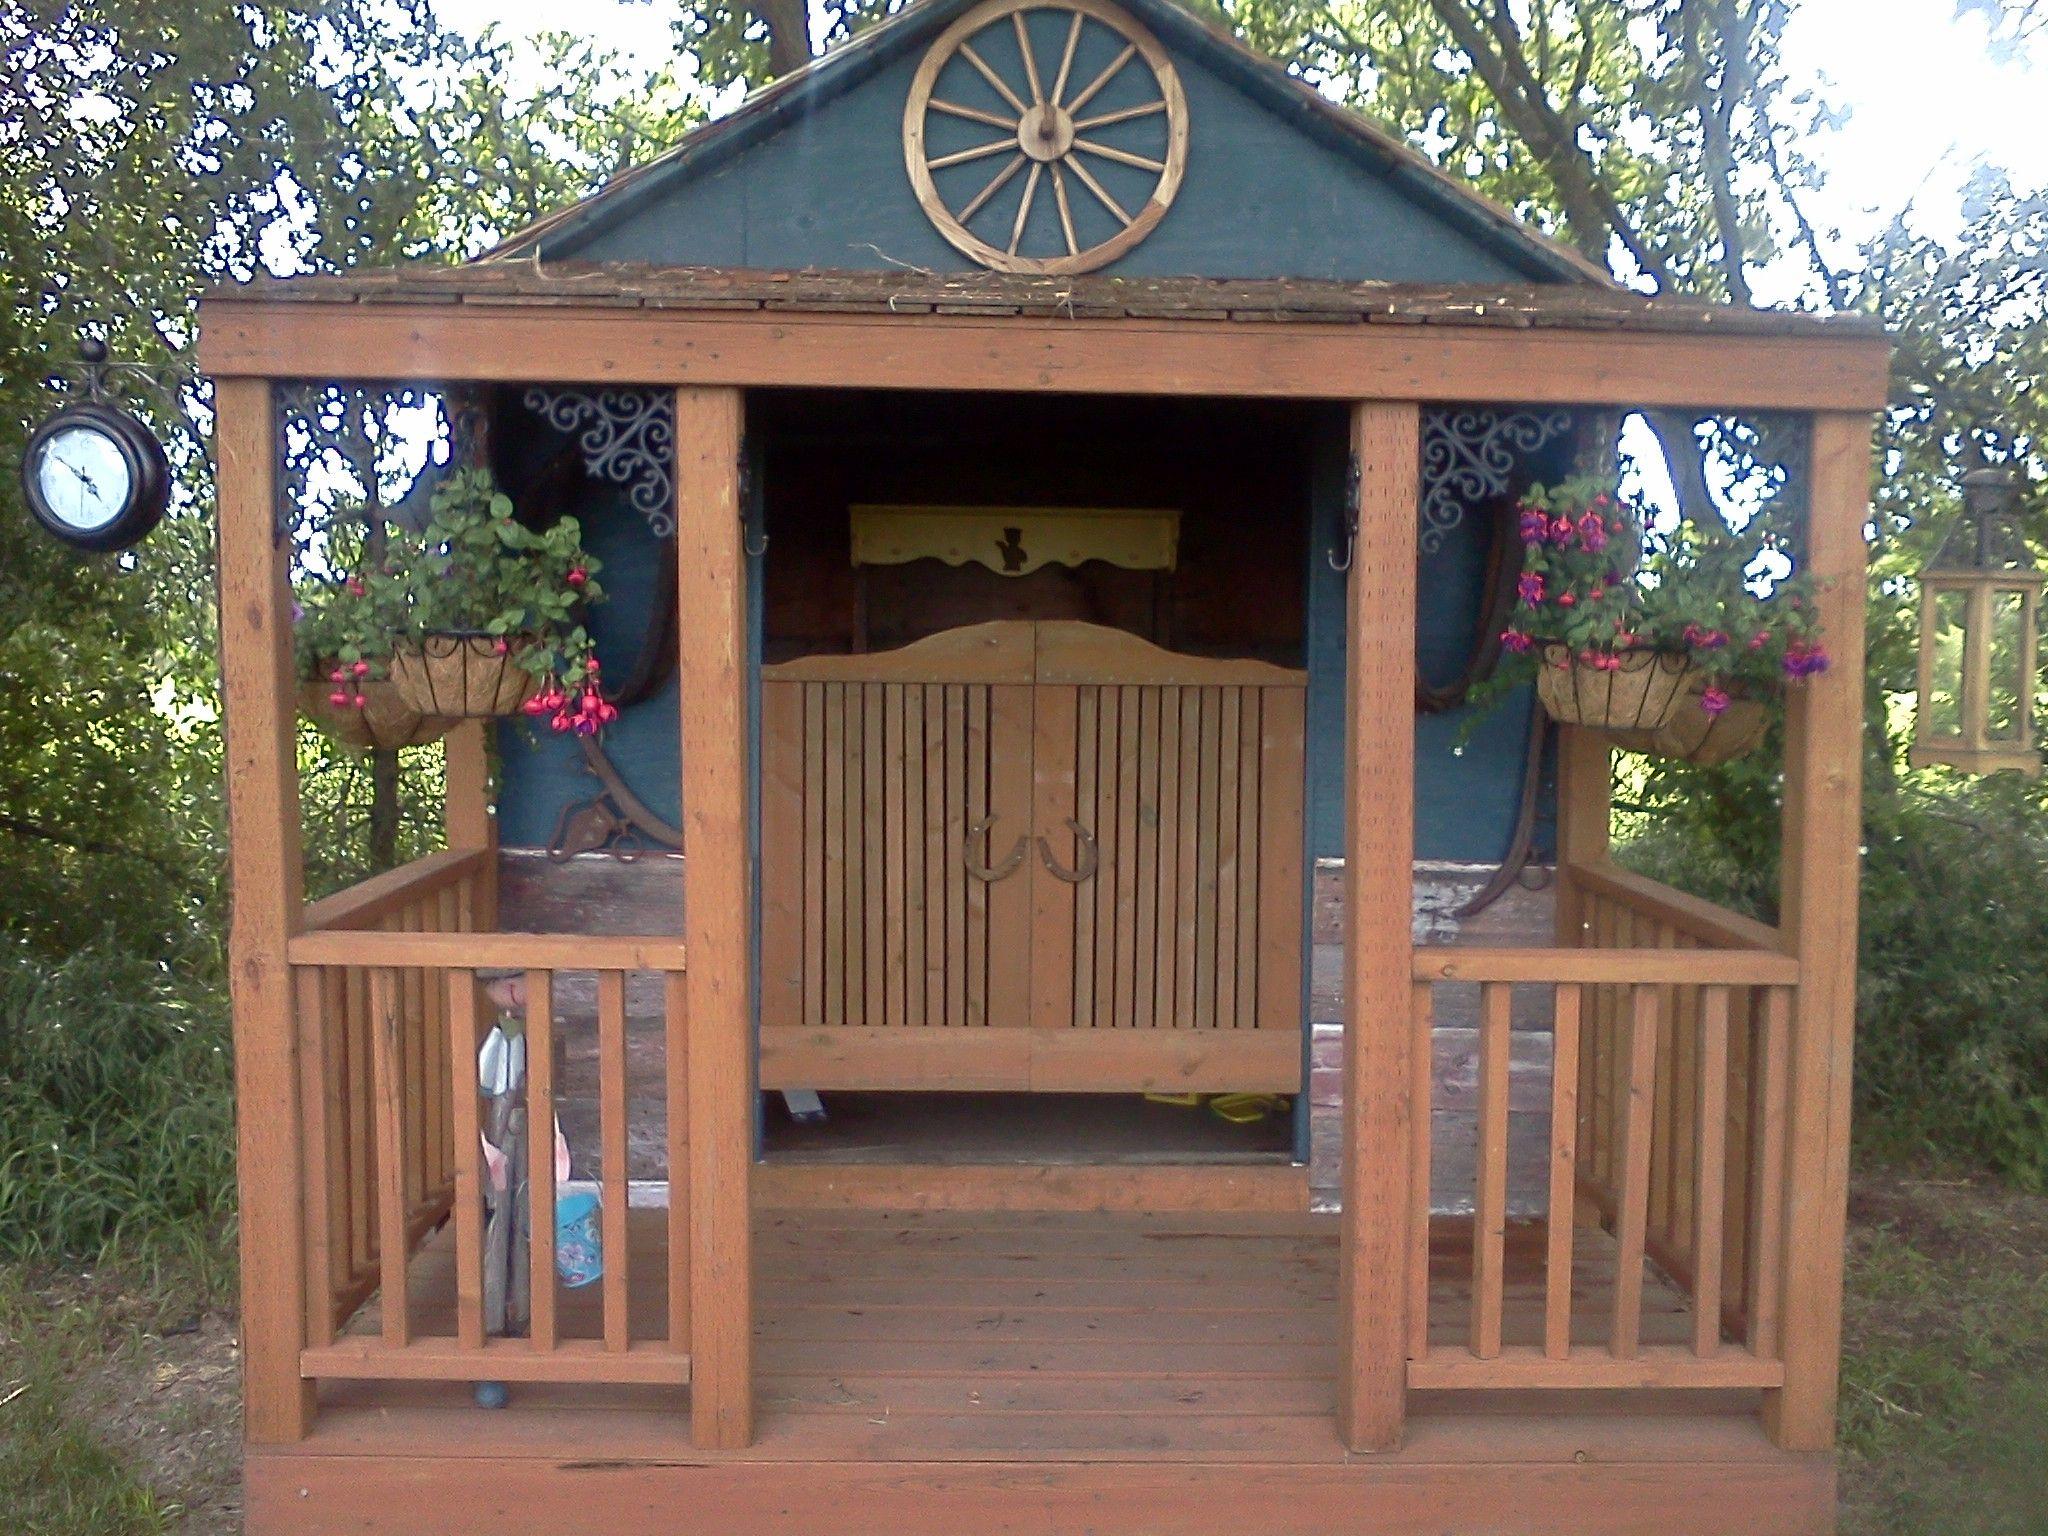 Cute Backyard Sheds : cute garden shed with saloon doors  cute little garden sheds  Pinte